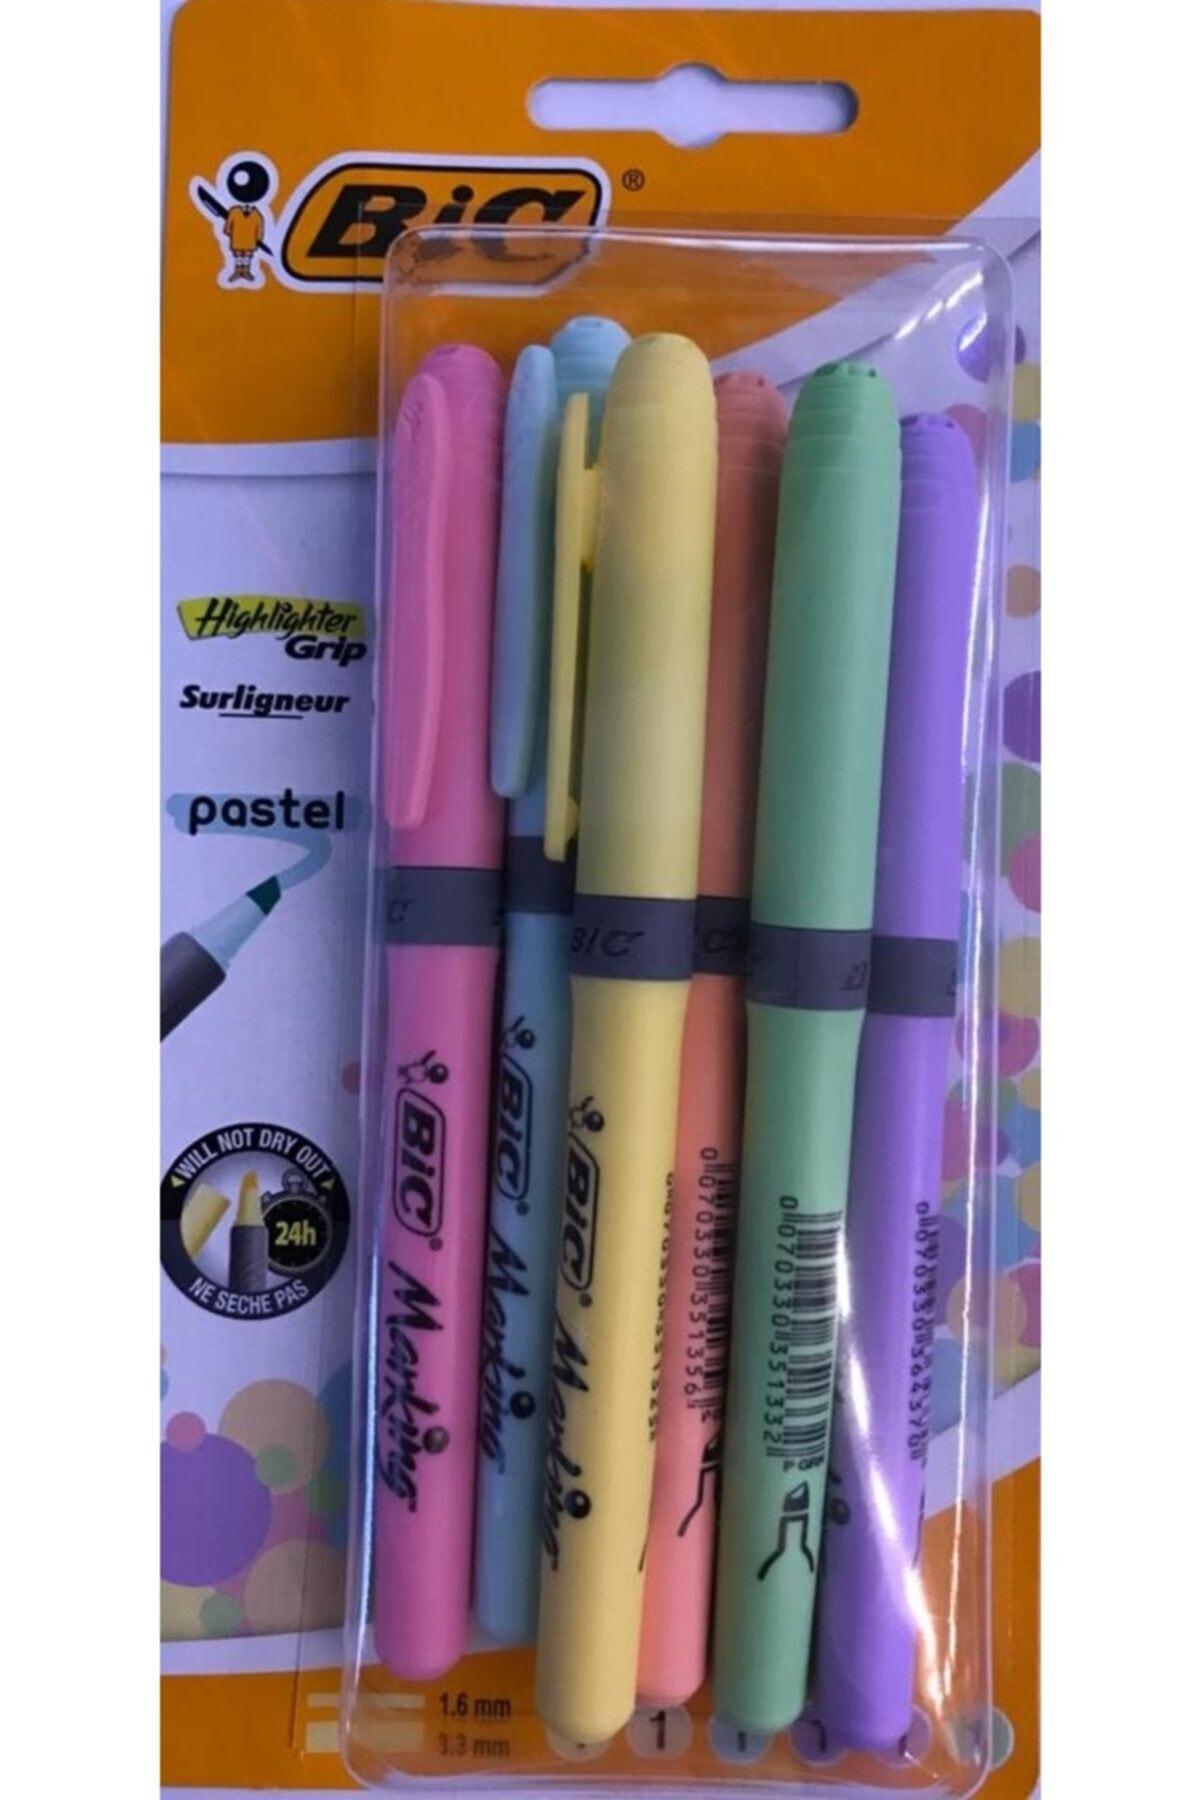 Bic Kalem Tipi Fosforlu Kalem Pastel Renk 6'lı 1